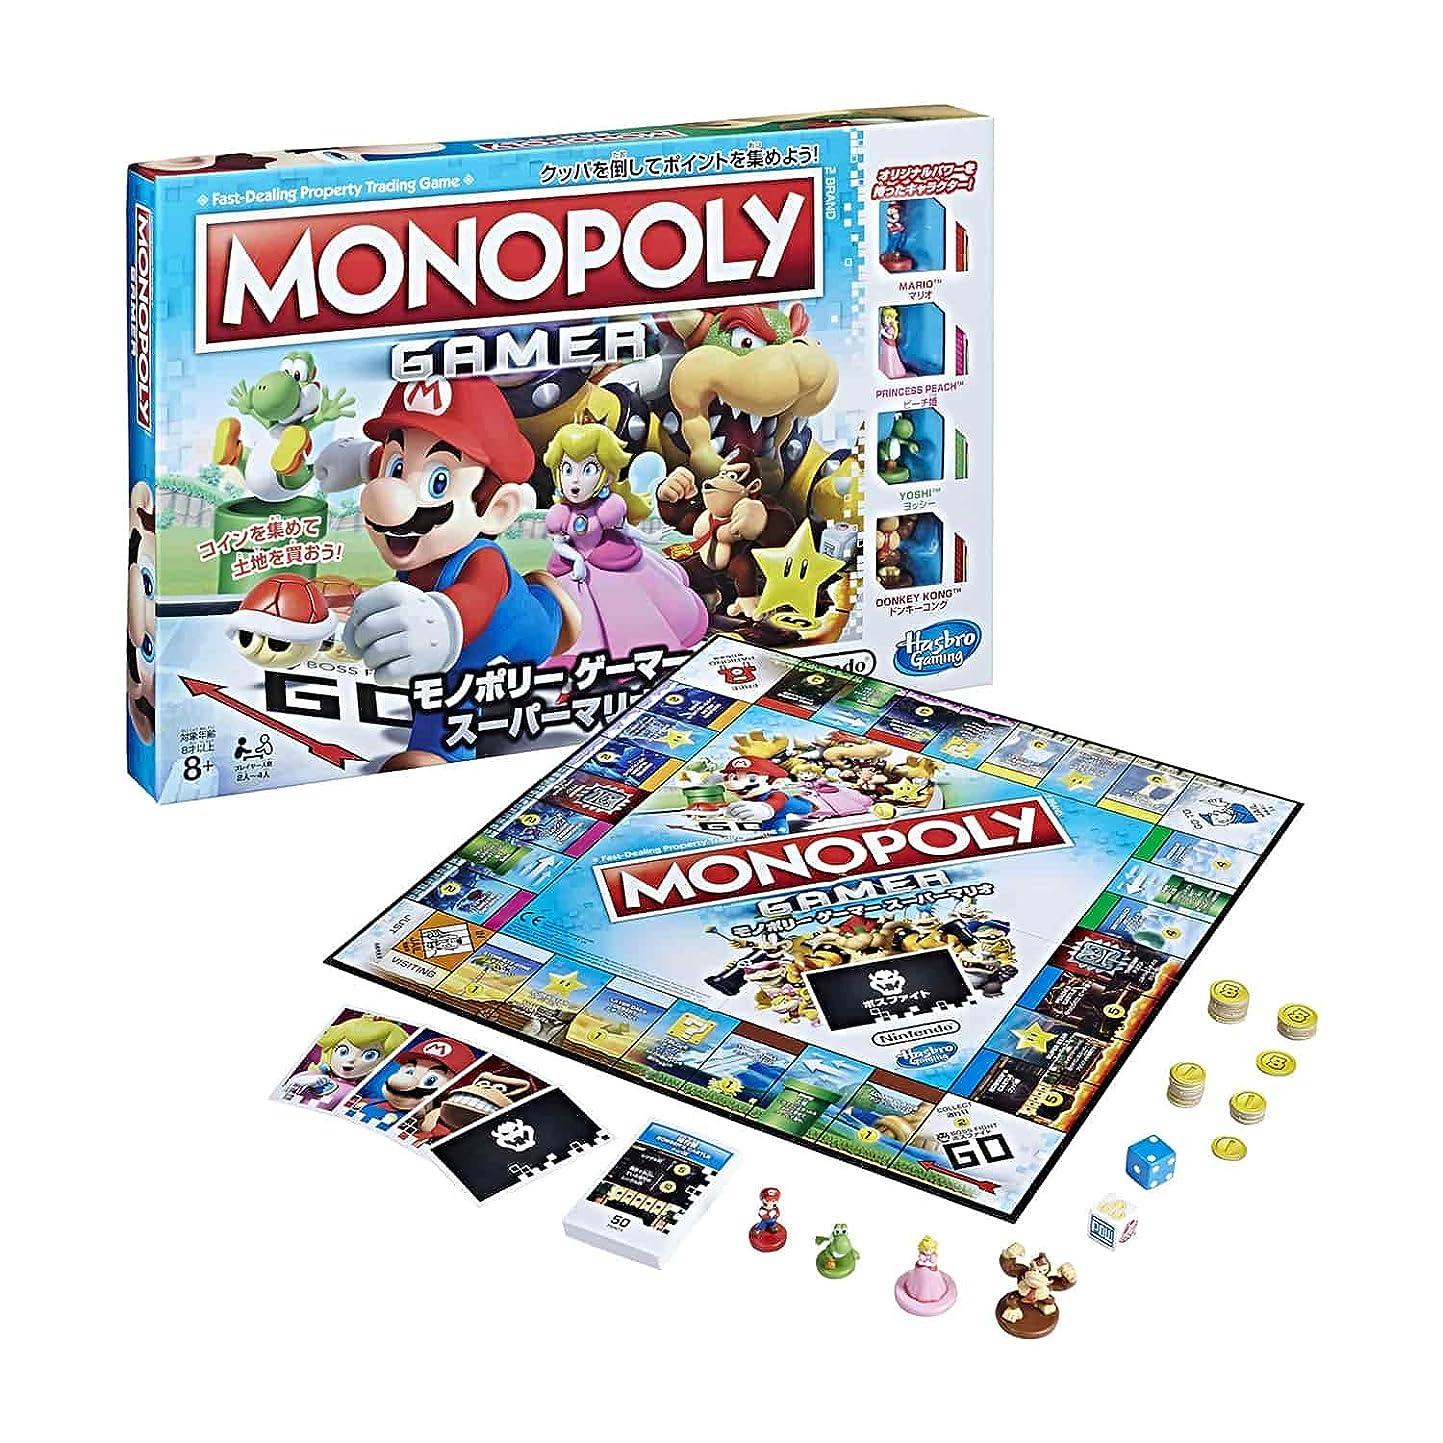 君主影響力のあるタイマーハズブロ ボードゲーム モノポリー ゲーマー スーパーマリオ C1815 正規品